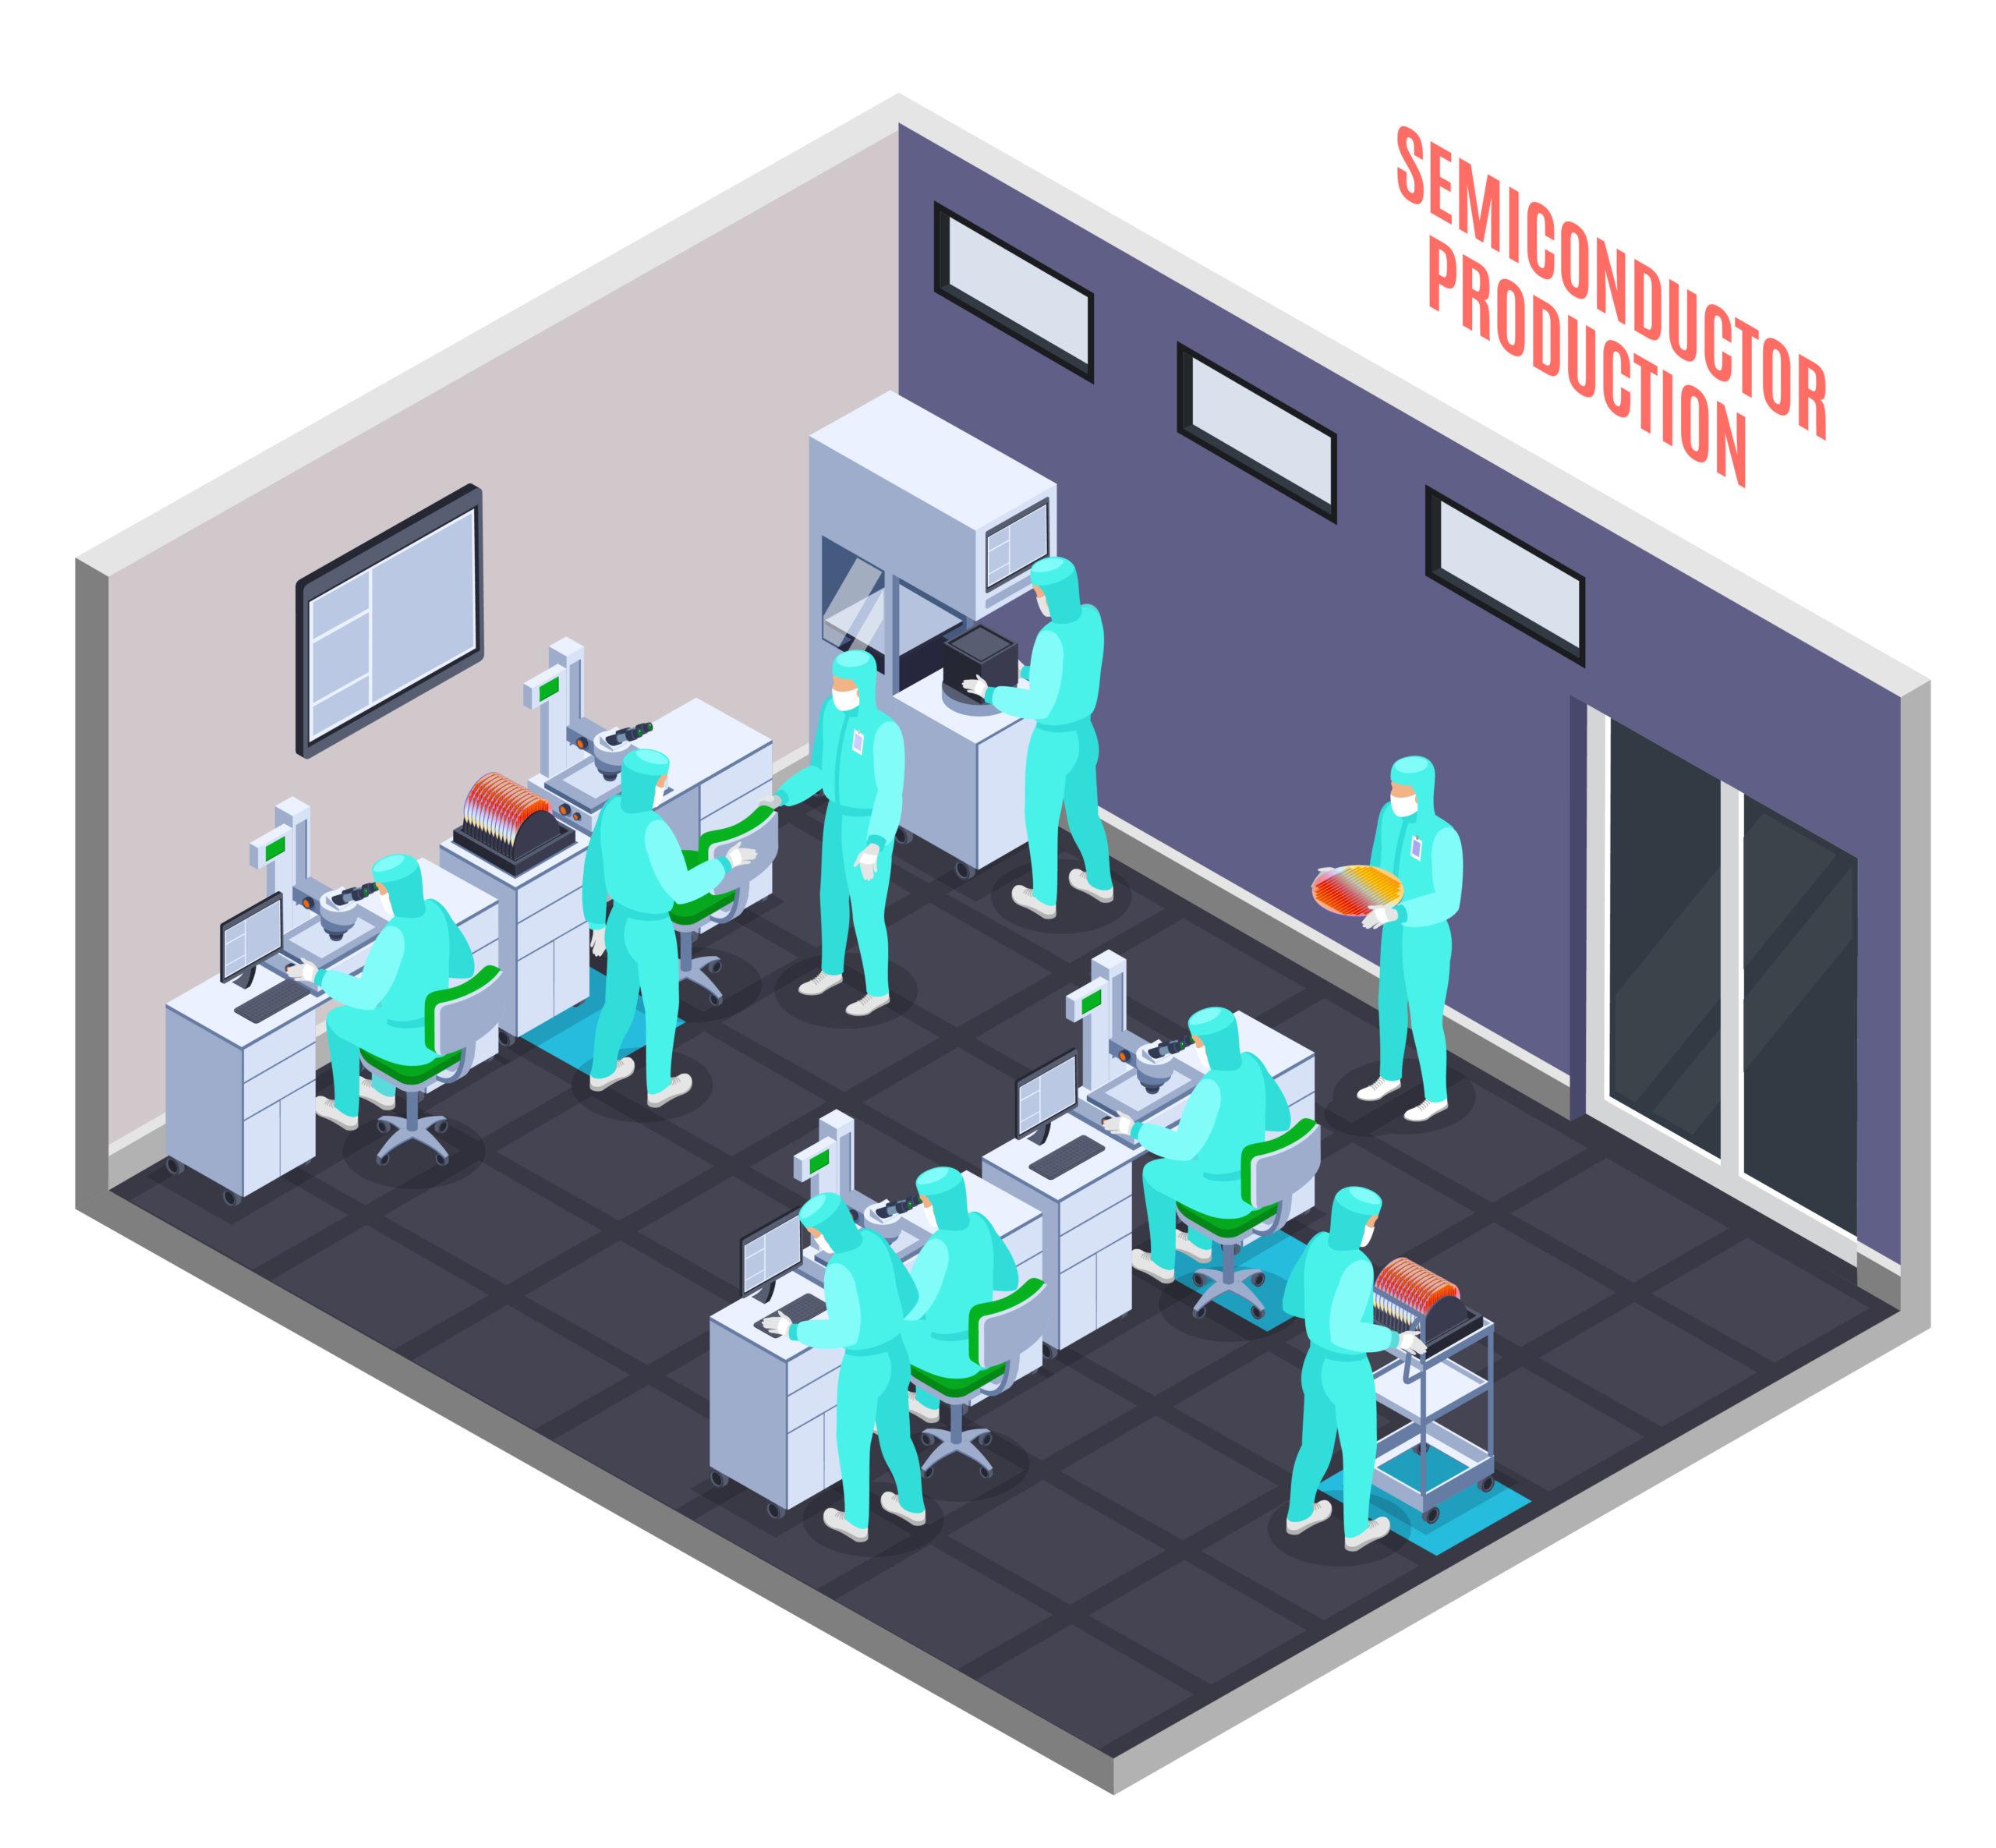 セミコンダクター生産